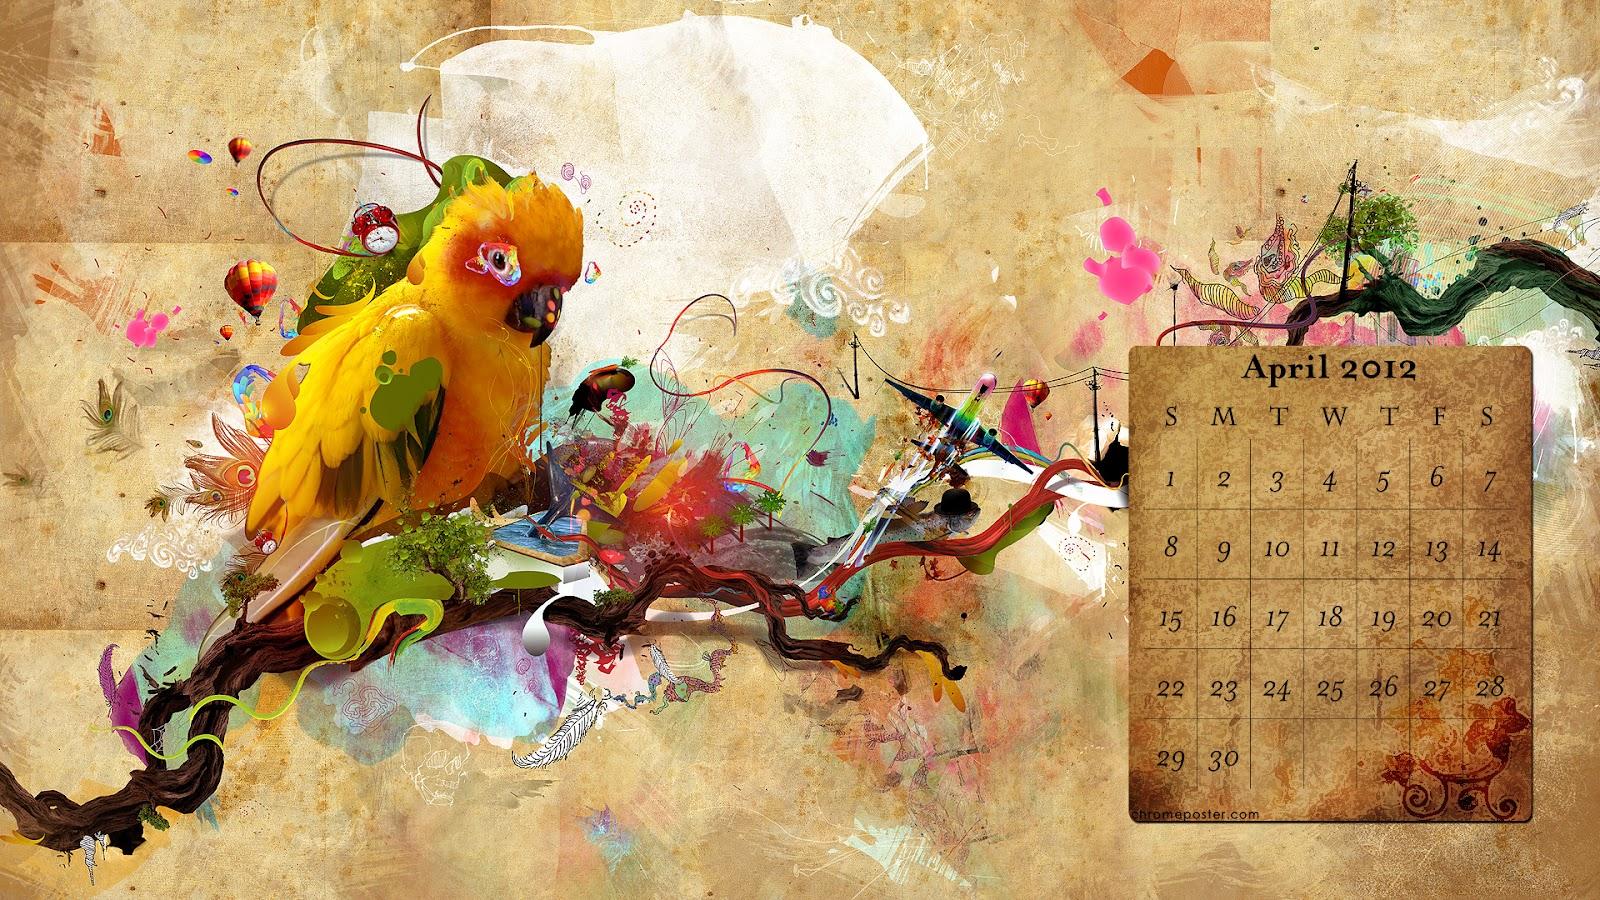 https://1.bp.blogspot.com/-C_n8GPDwN9Q/T3SL0Zfaw5I/AAAAAAAAGic/Zu3VWuIEs6s/s1600/parrot-1920-x-1080.jpg